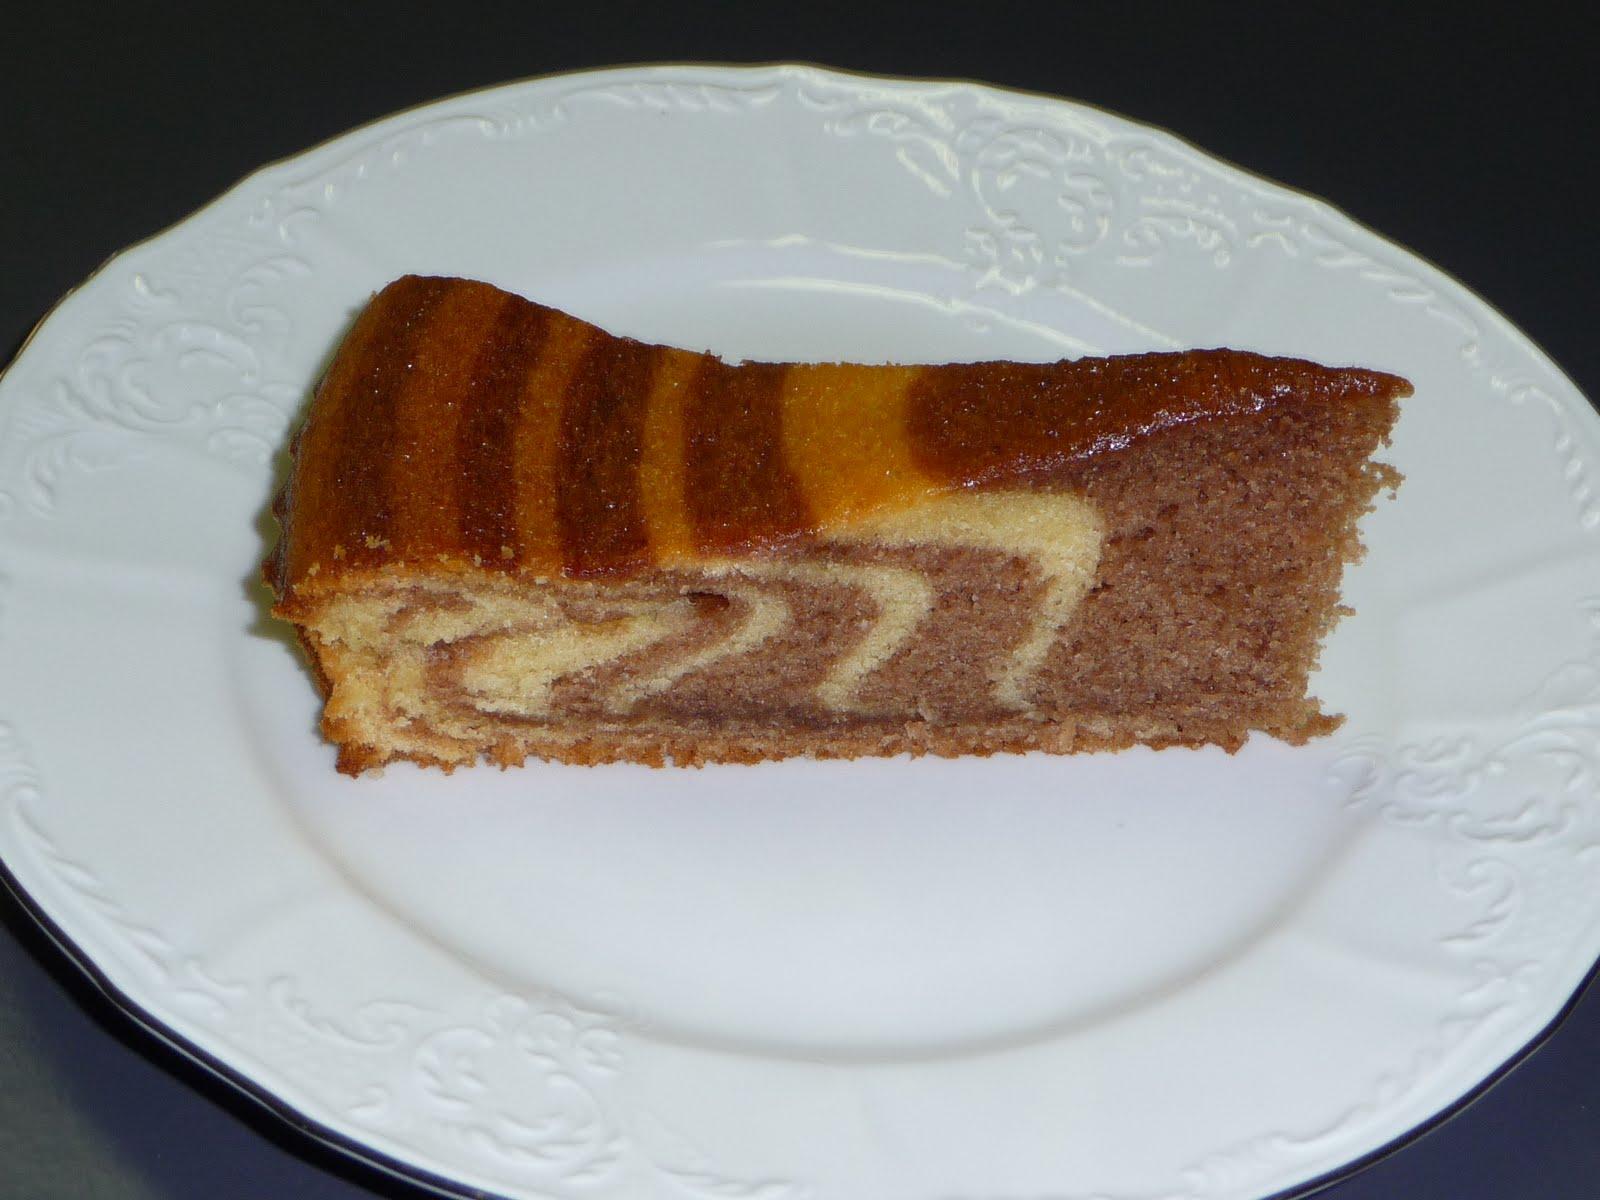 Le ricette di nadia torta zebrata di benedetta parodi - Ricette cucina parodi ...